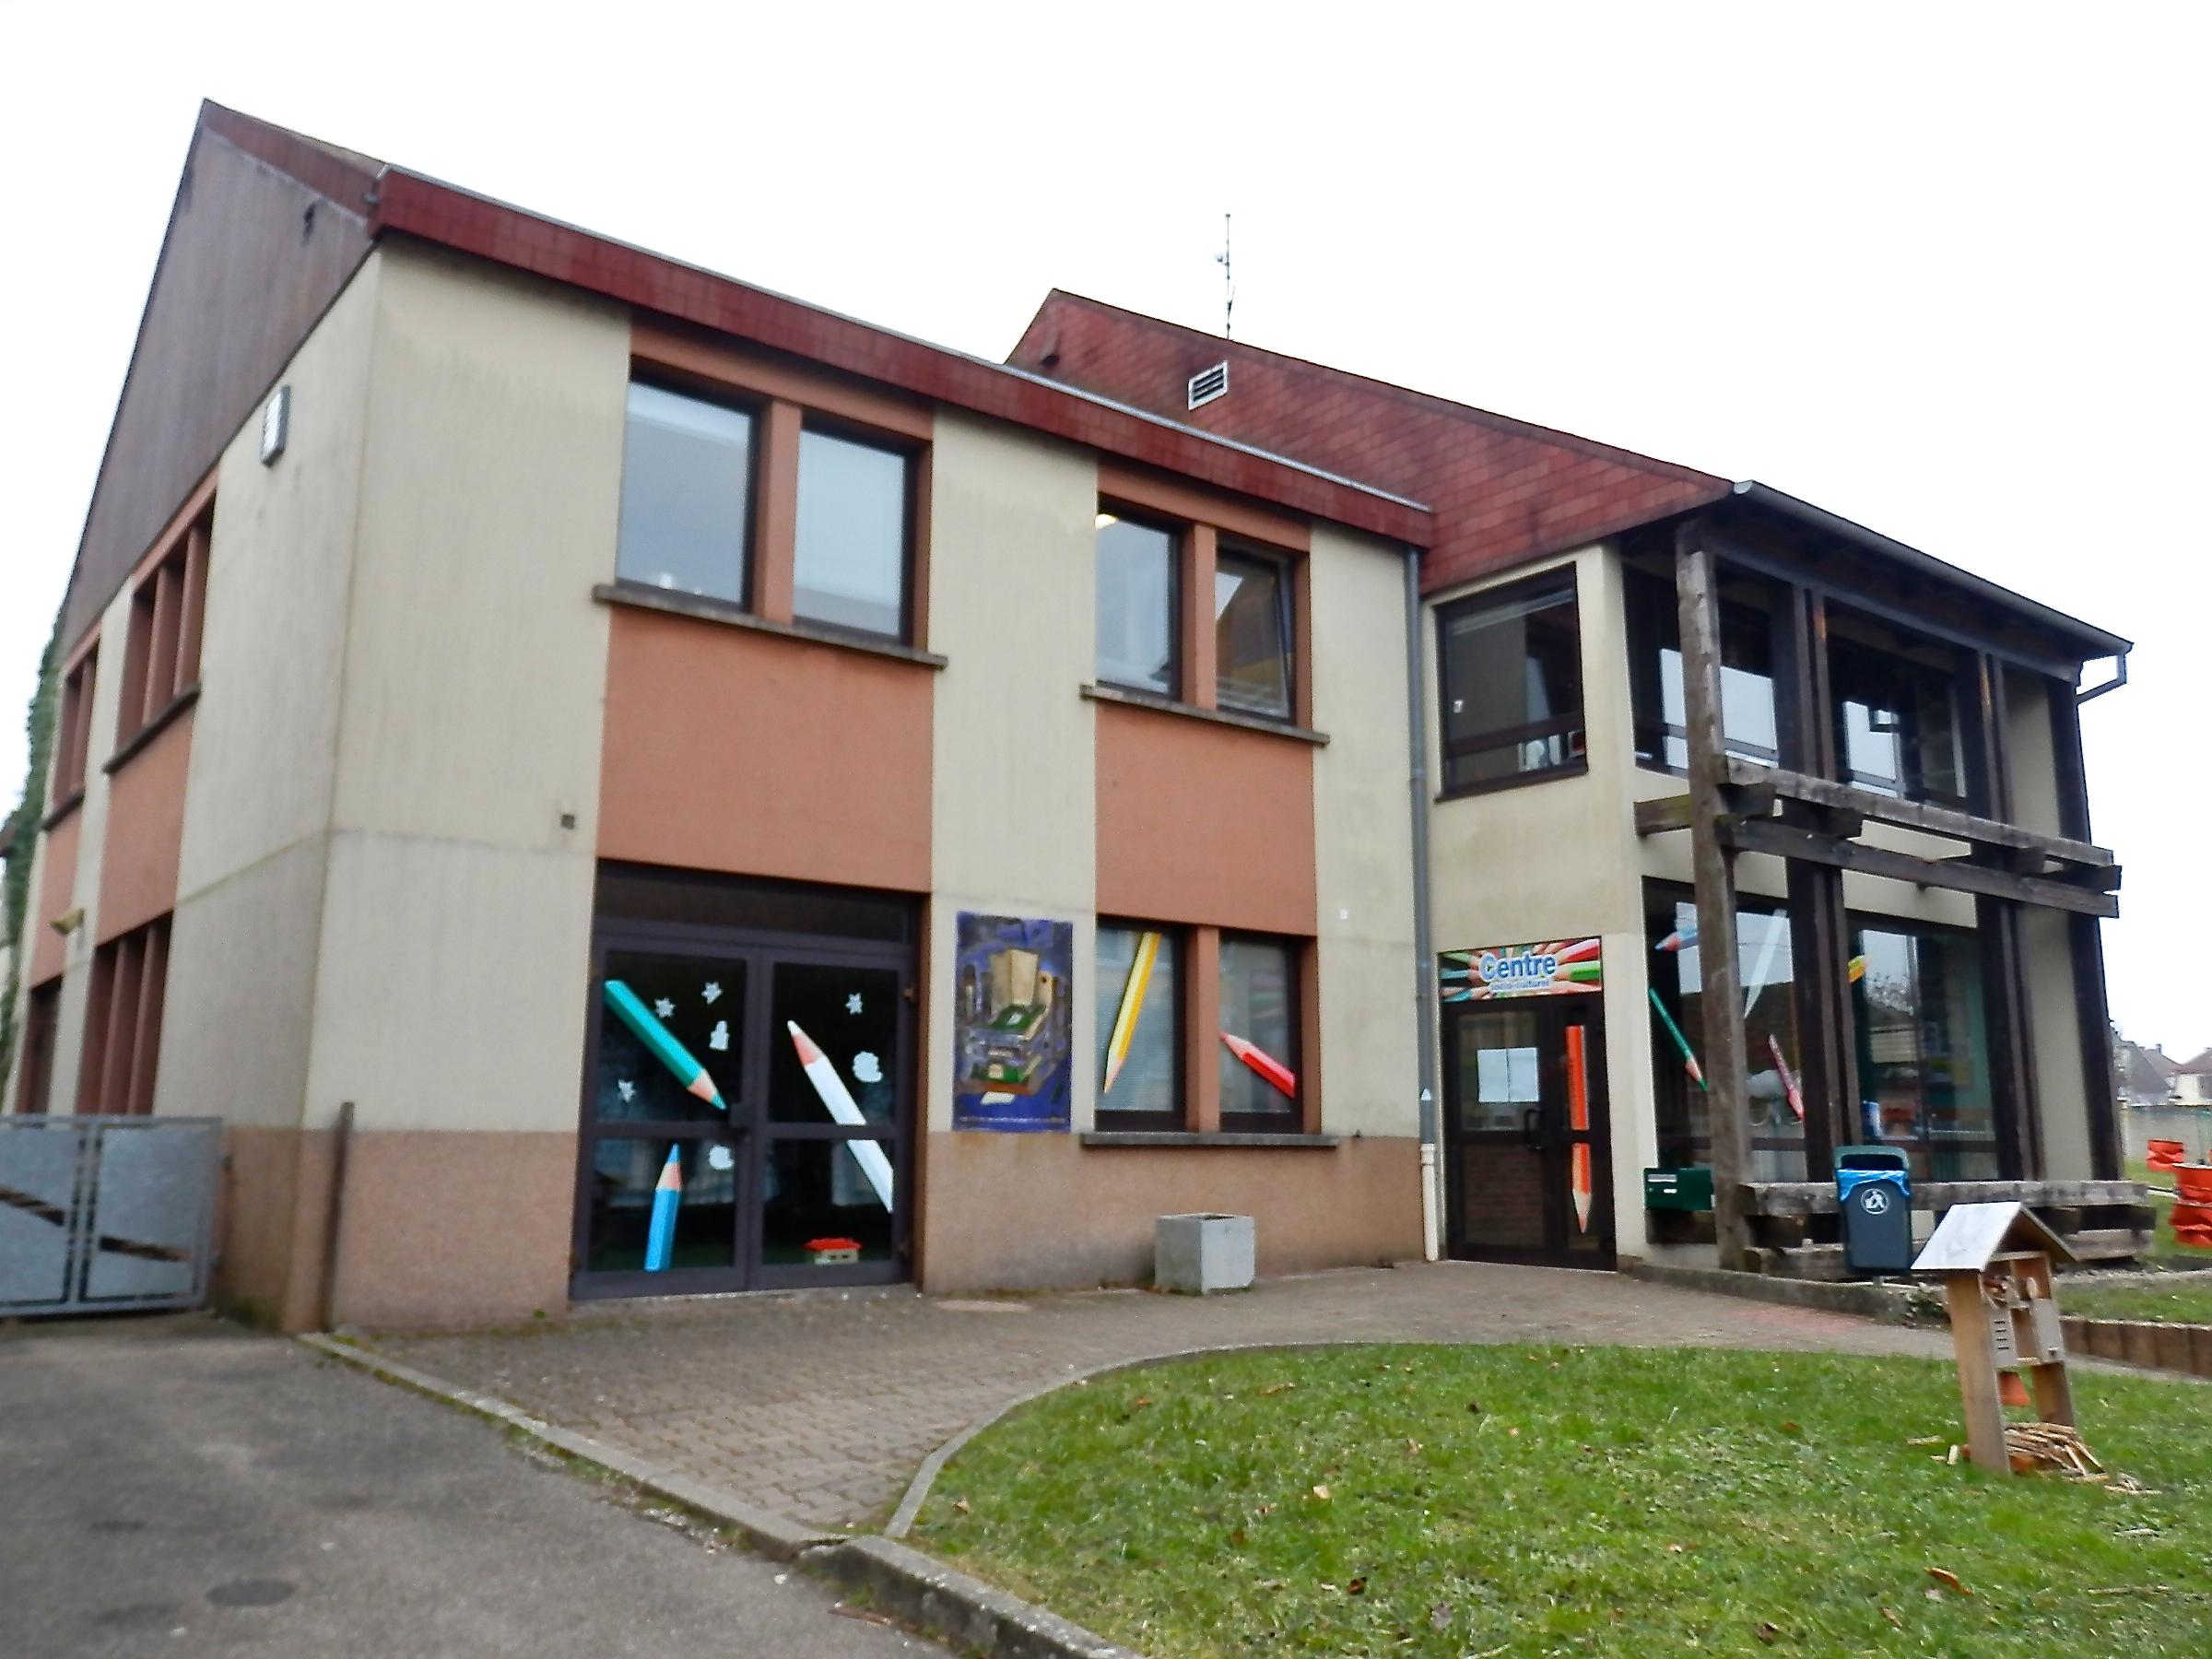 Le centre socio-culturel de Sarre-Union, à deux pas du lycée Georges Imbert.